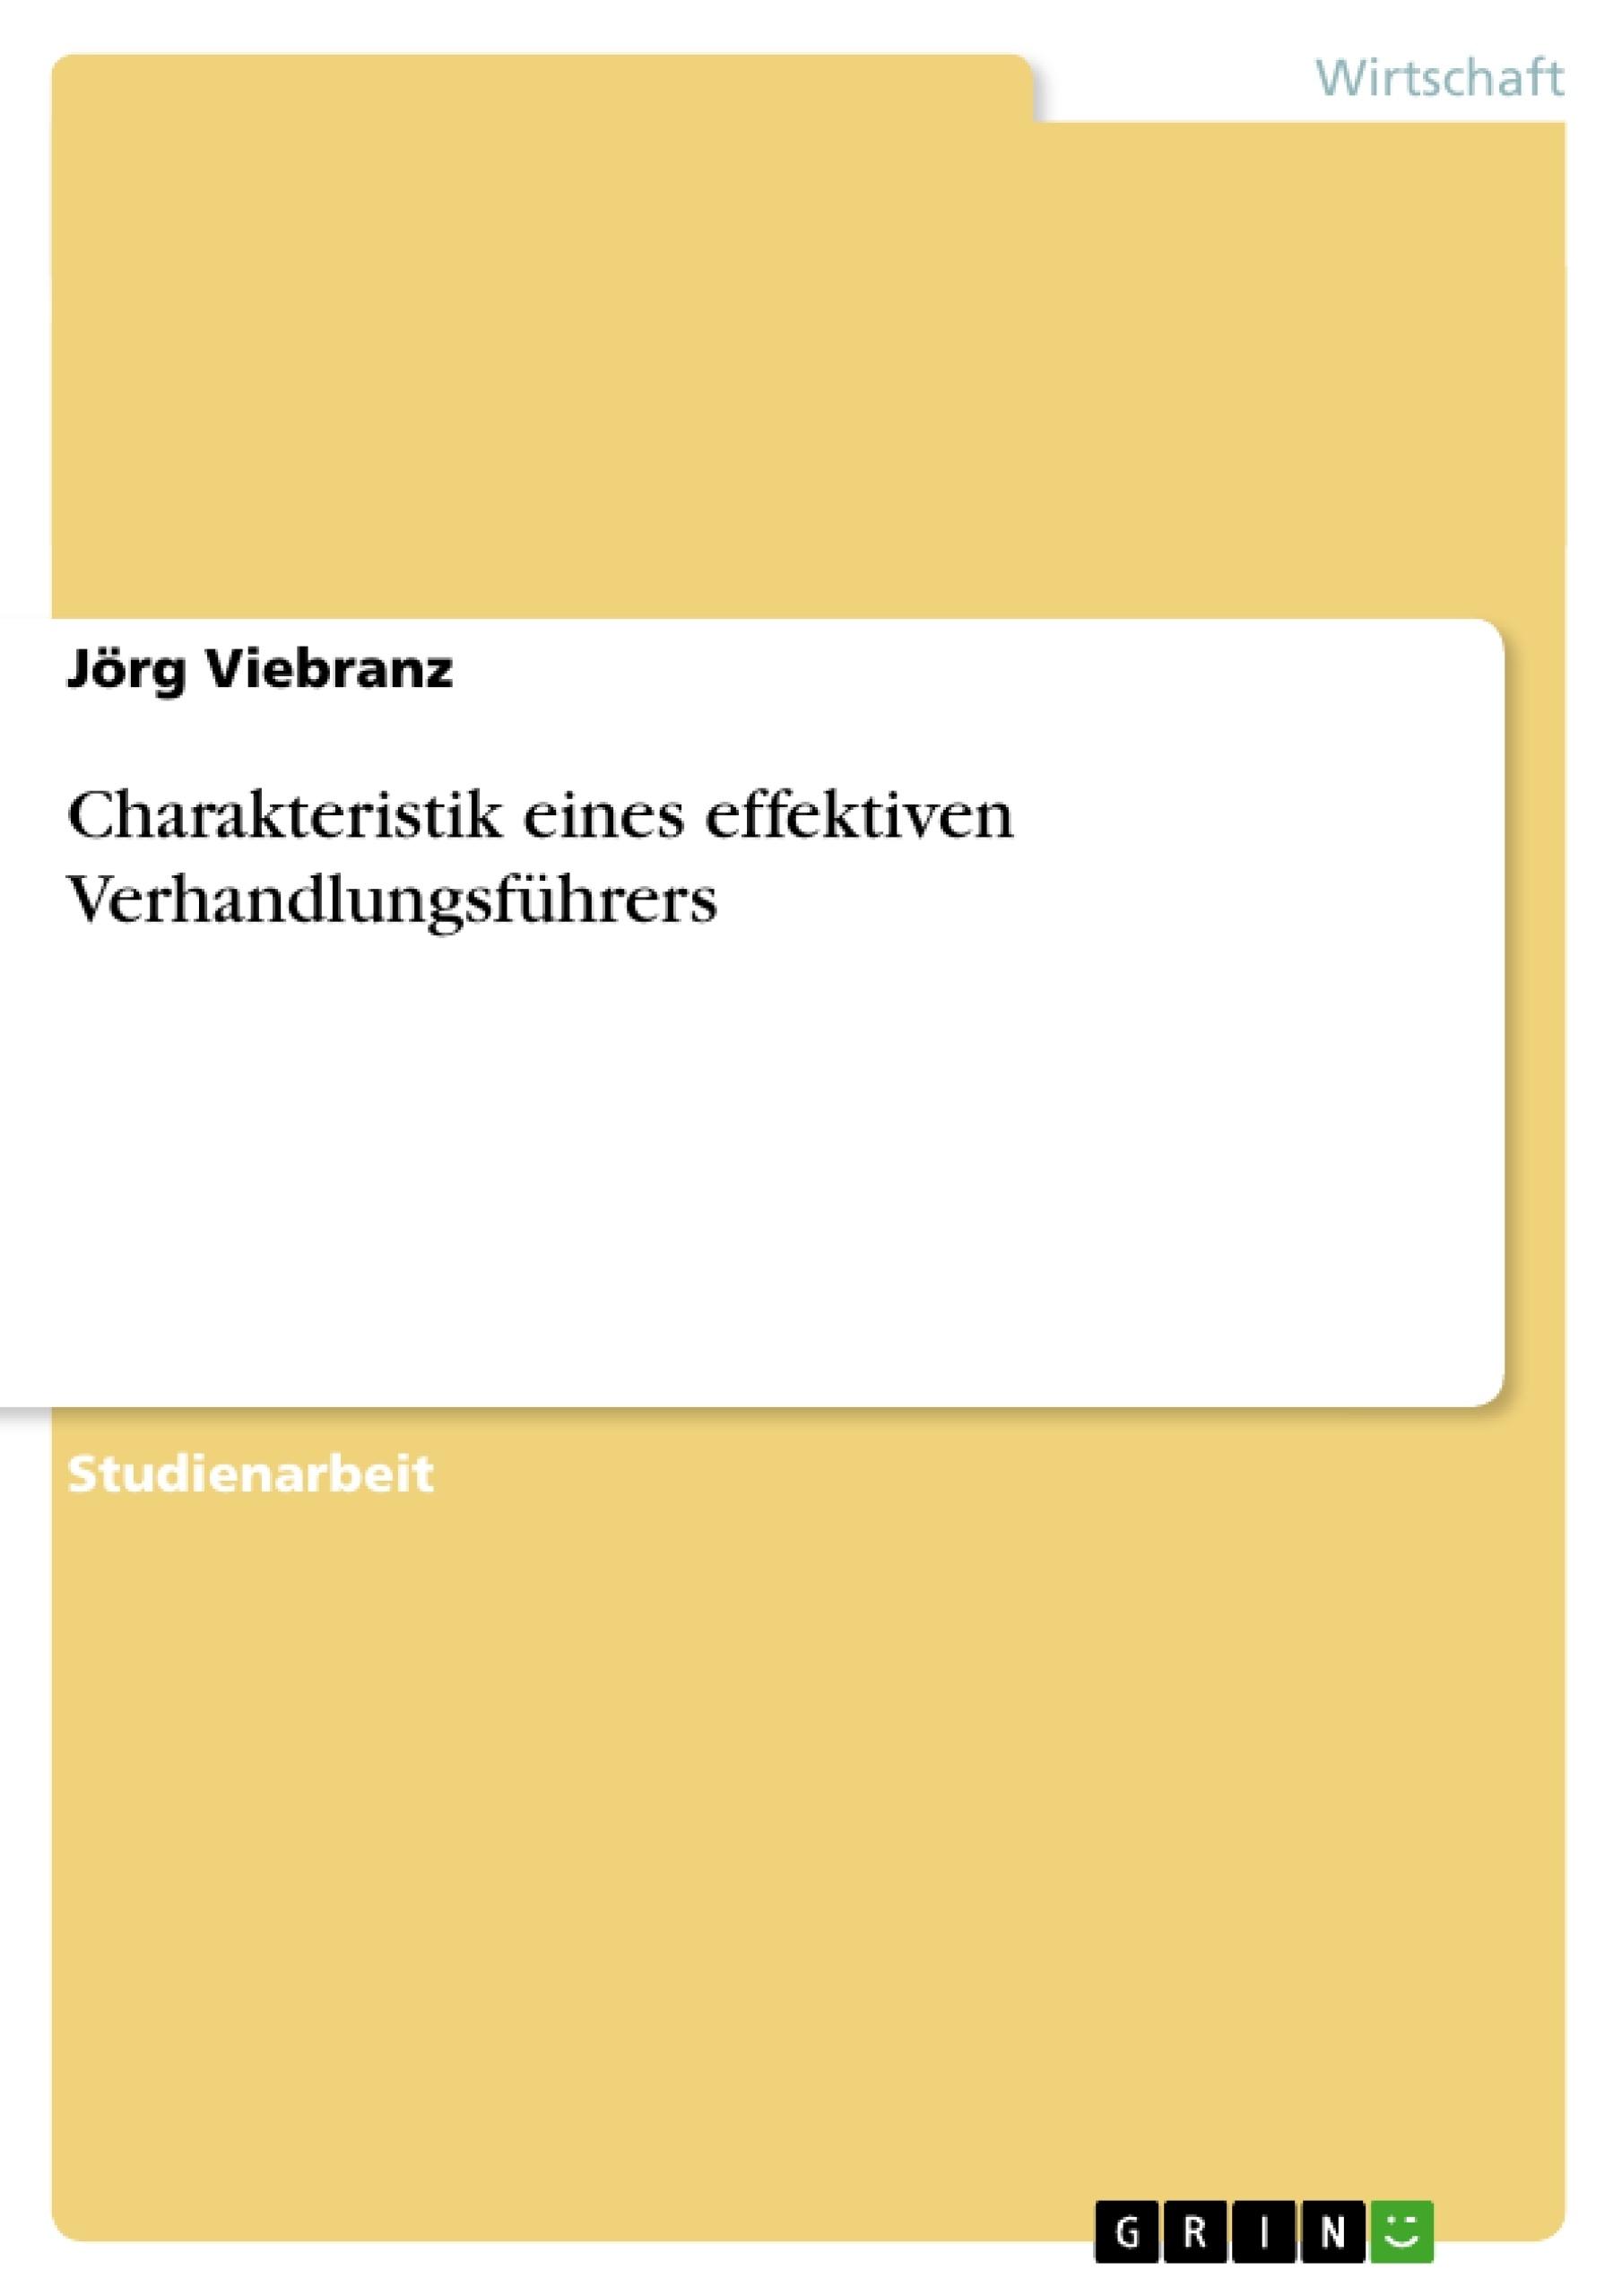 Titel: Charakteristik eines effektiven Verhandlungsführers